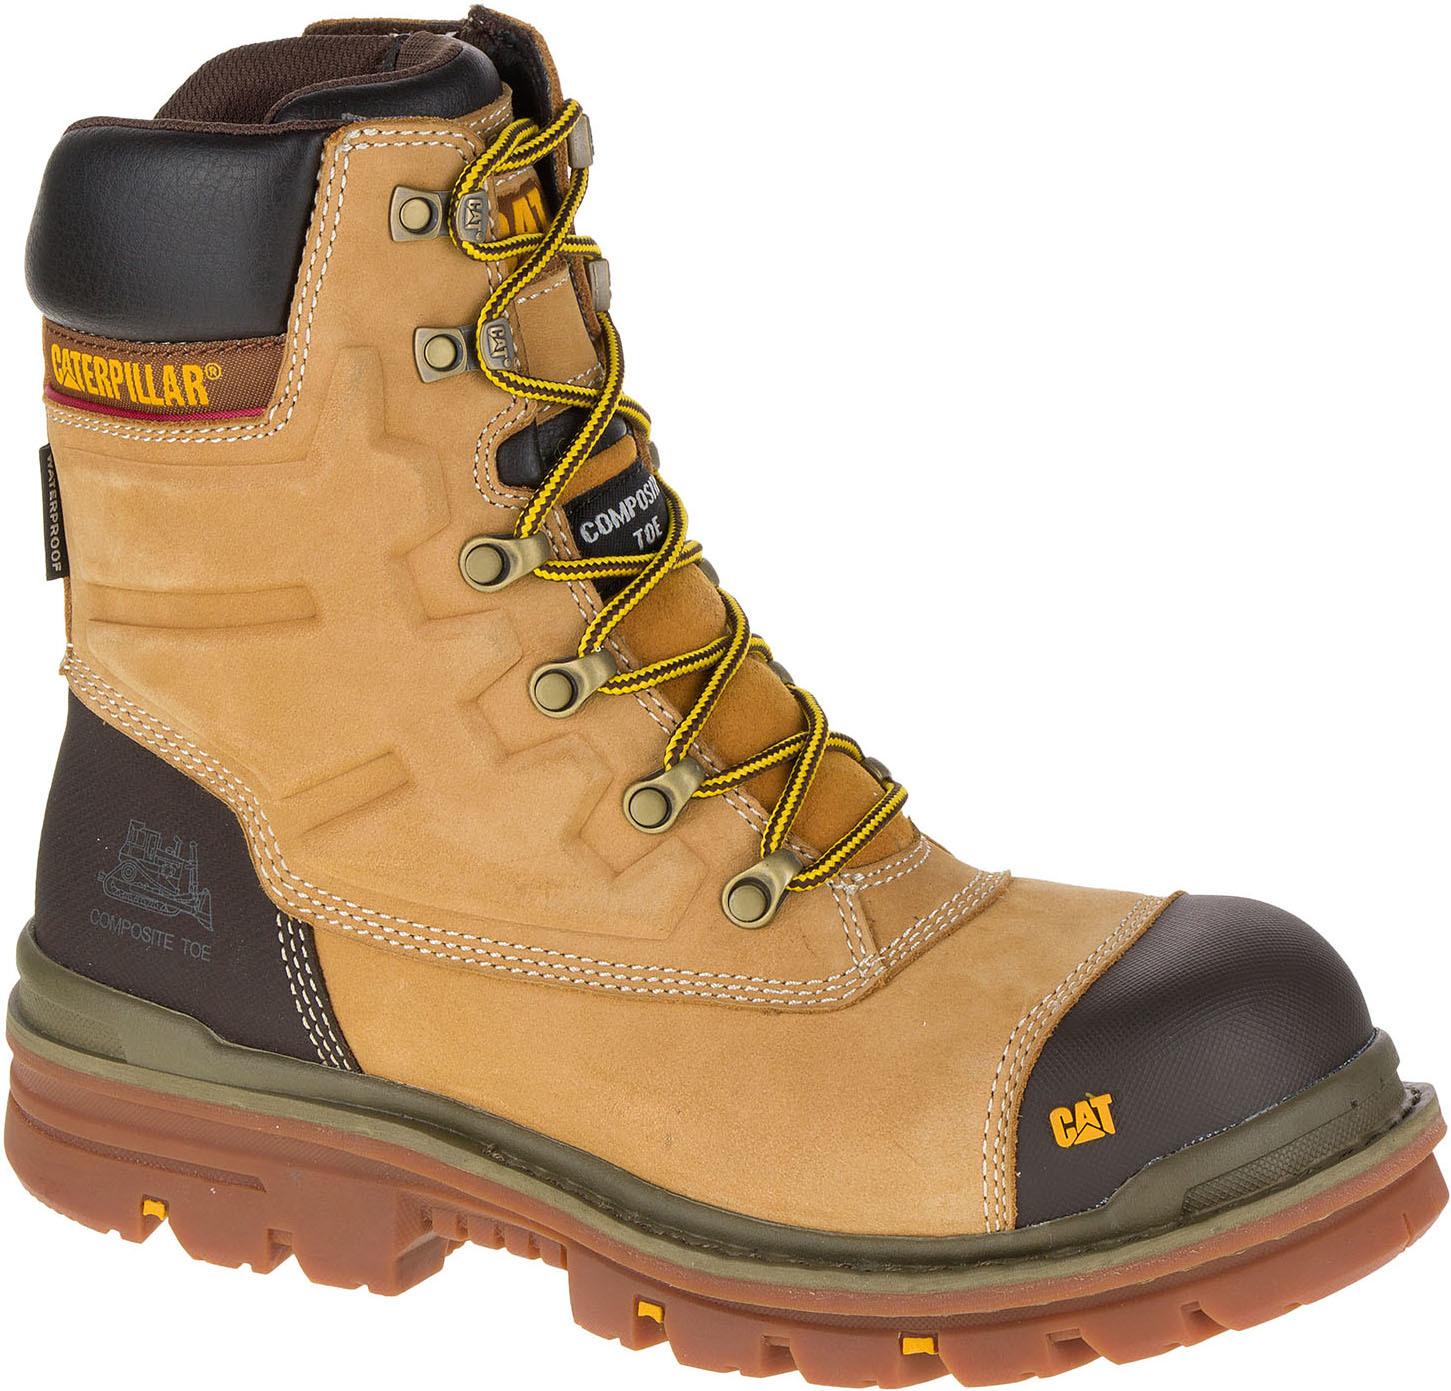 najlepiej sprzedający się dostępny sklep Męskie buty robocze Caterpillar Premier 8